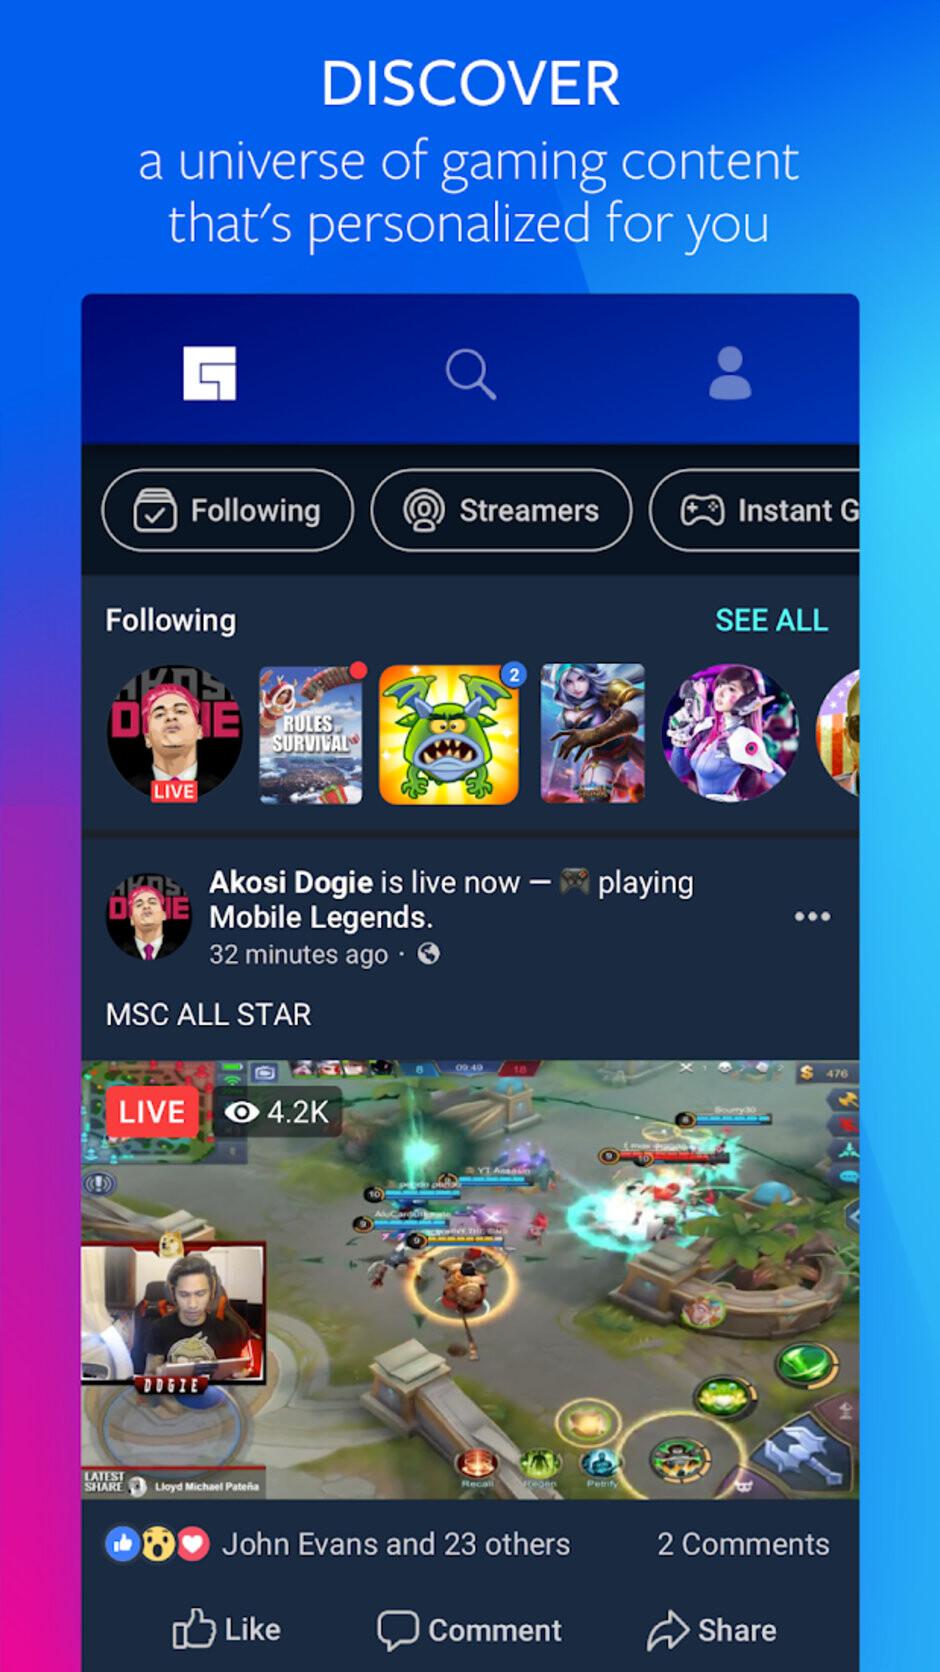 Facebook startet Beta-Version von Gaming-Hub auf Android-Geräten